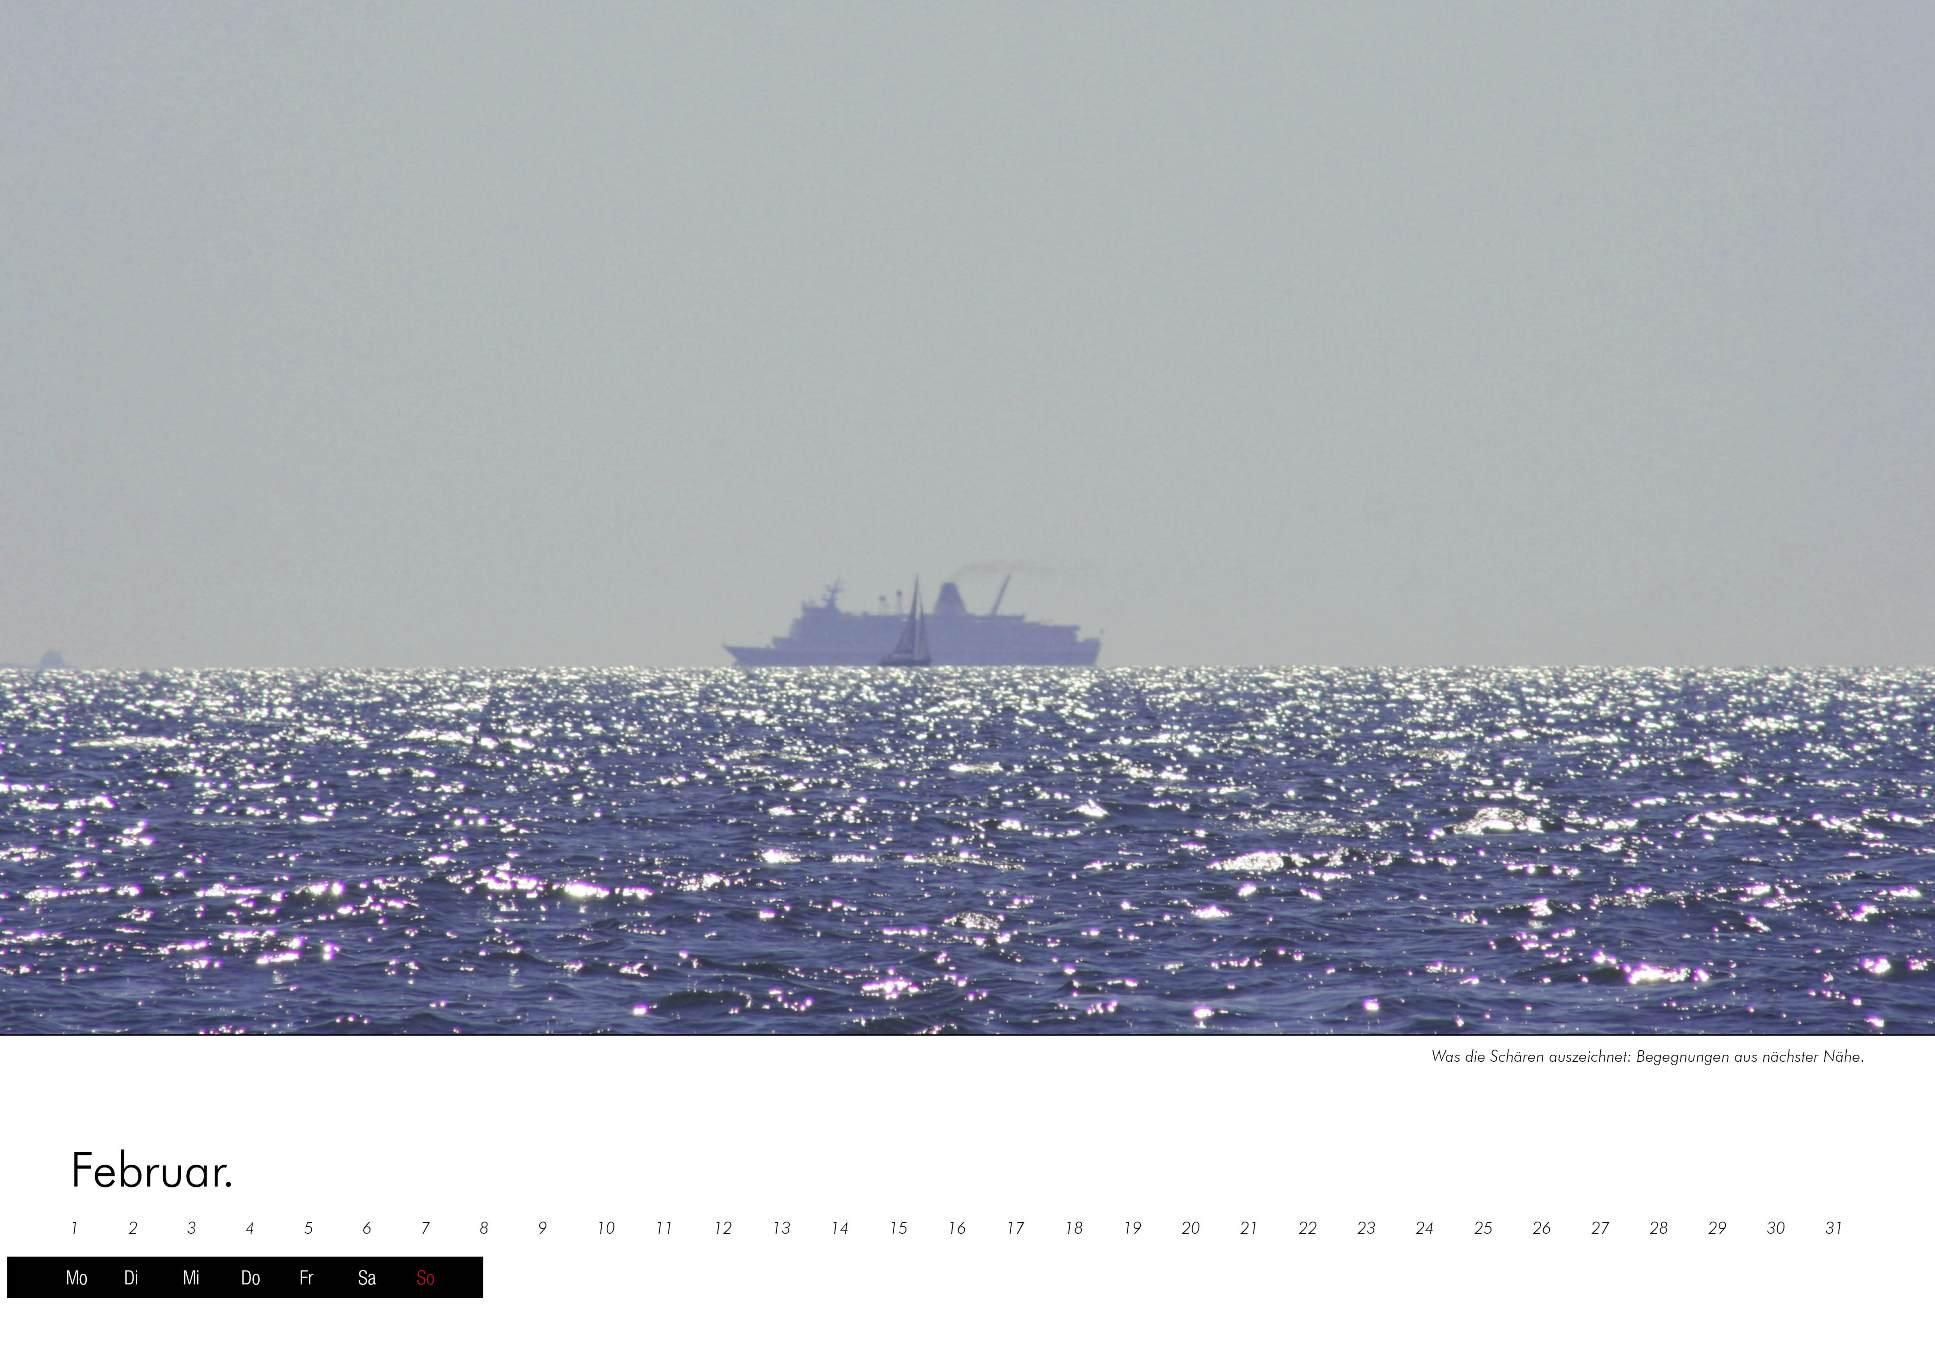 Kalenderbild einer Fähre auf offenem Meer vor Schweden im immerwährenden Kalender